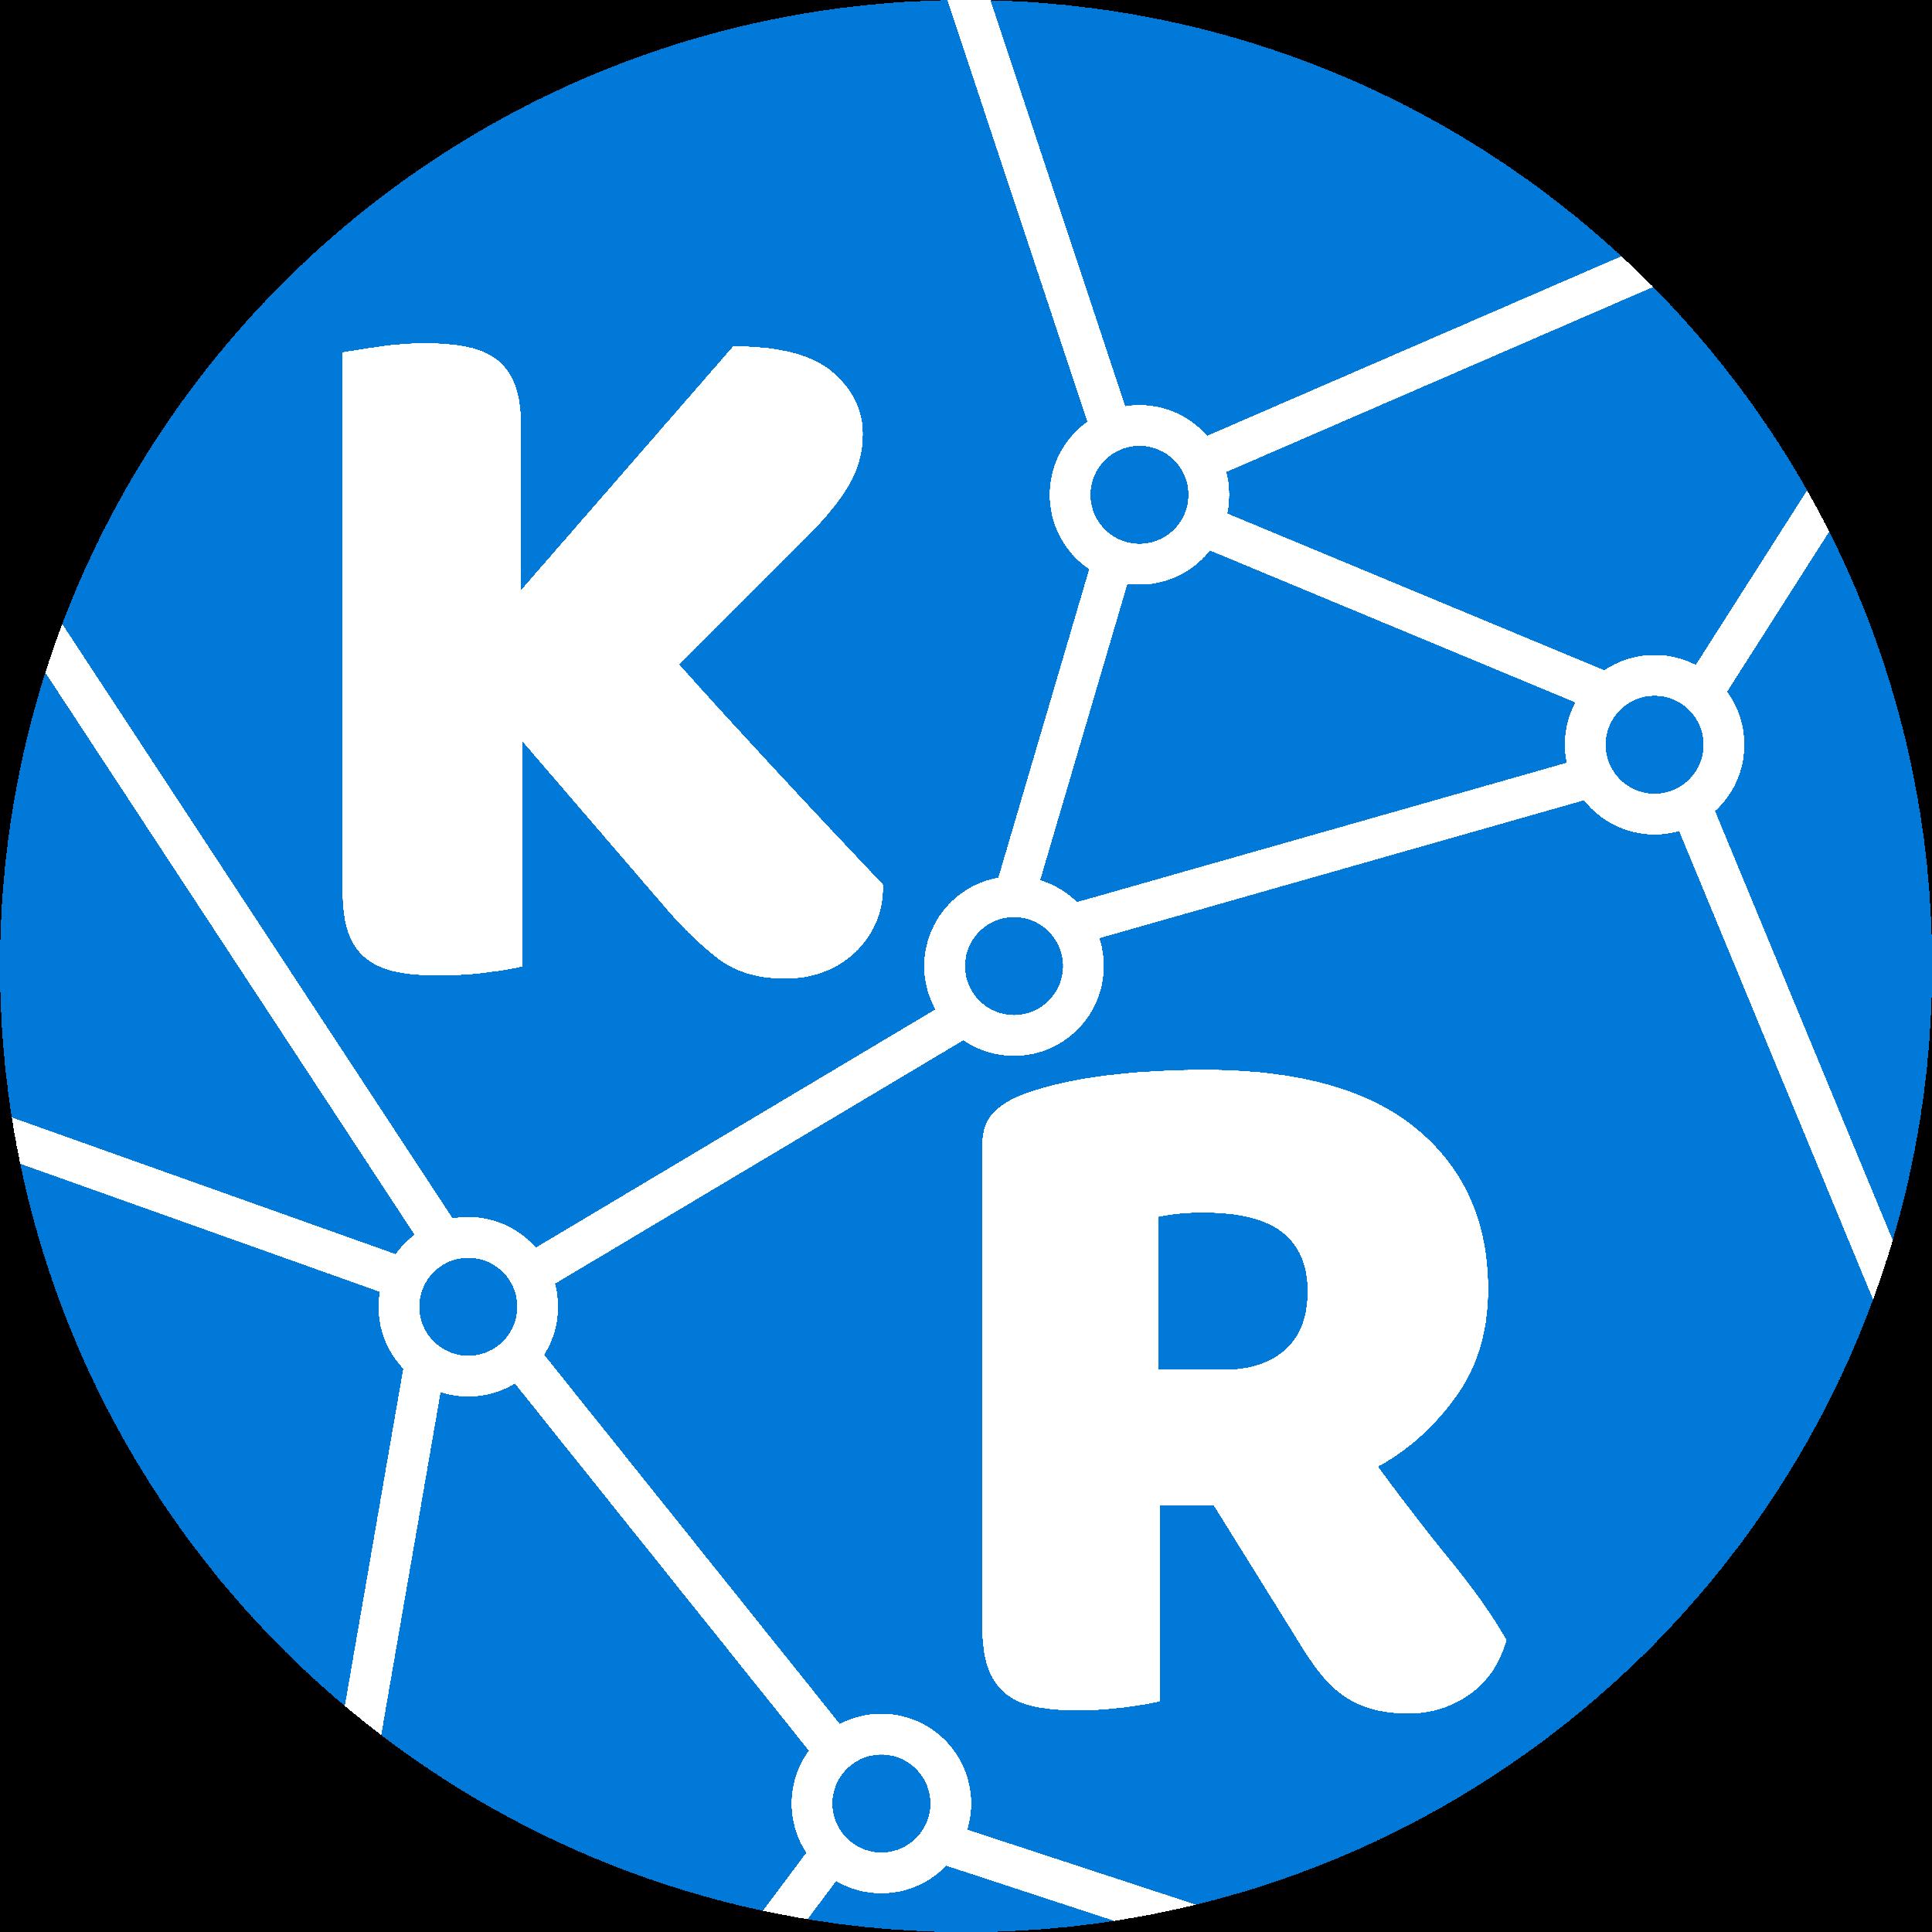 Logo KaerIT